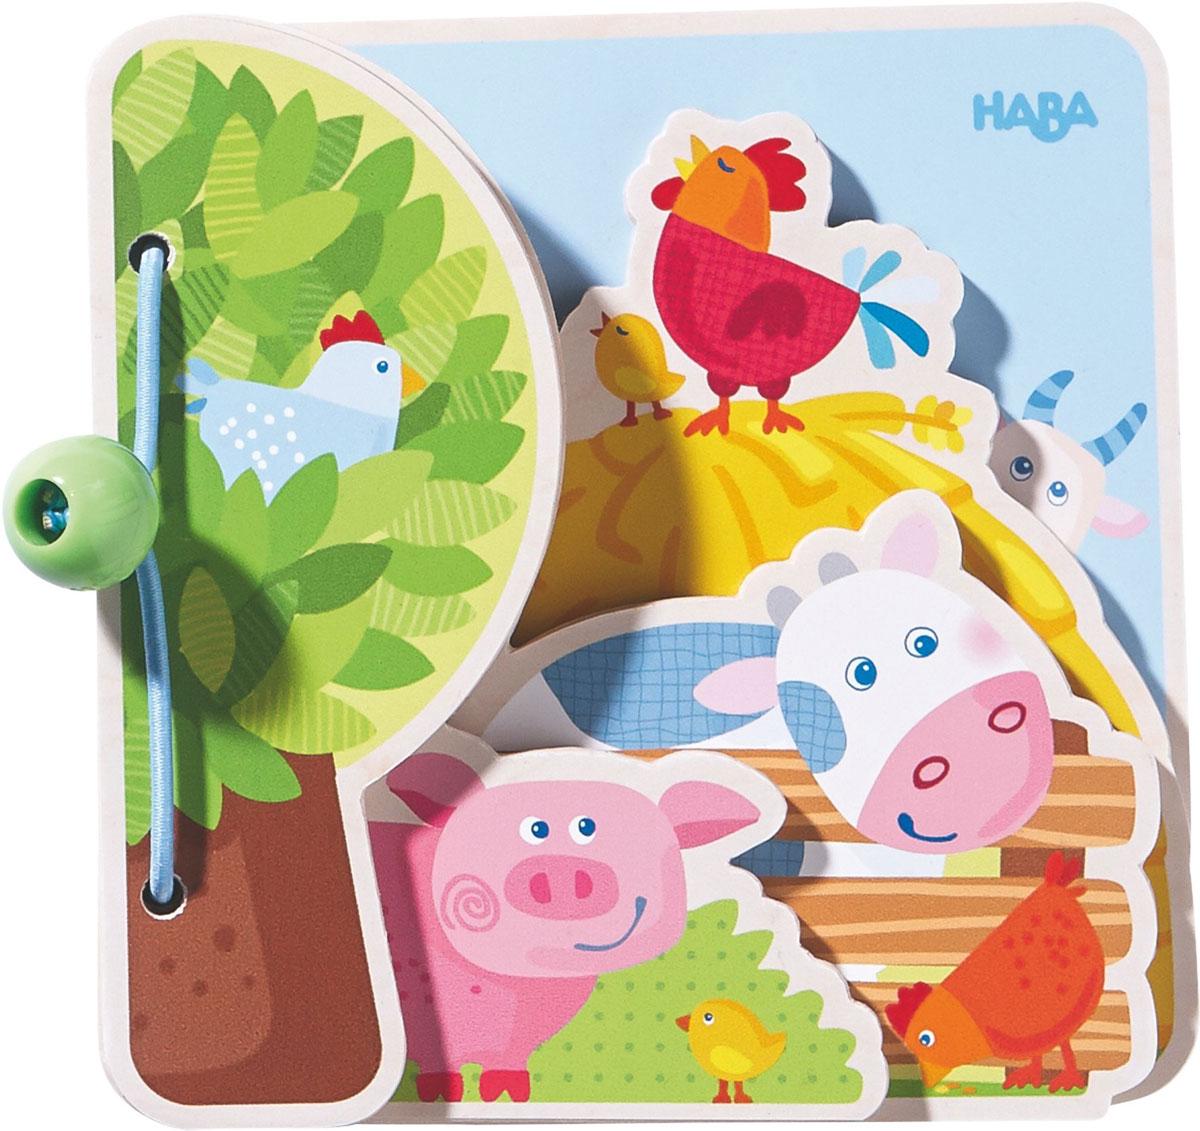 Haba Детская книга Друзья на ферме haba игрушка детская фотокамера